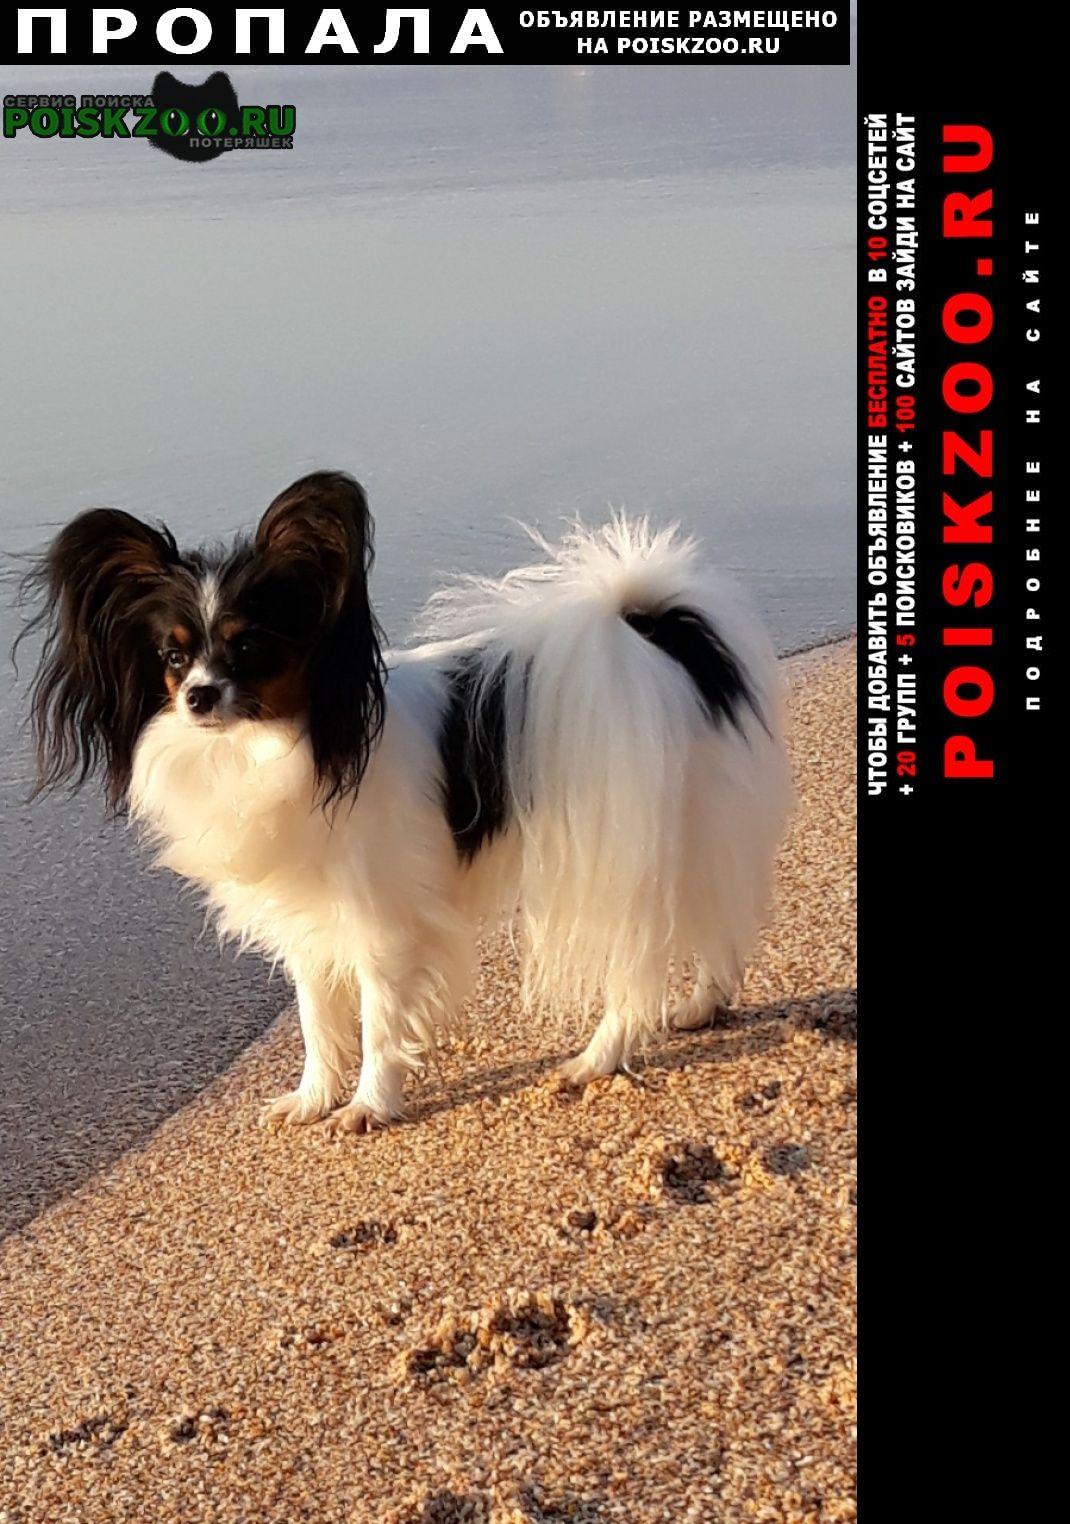 Пропала собака вознаграждение.. руб Симферополь